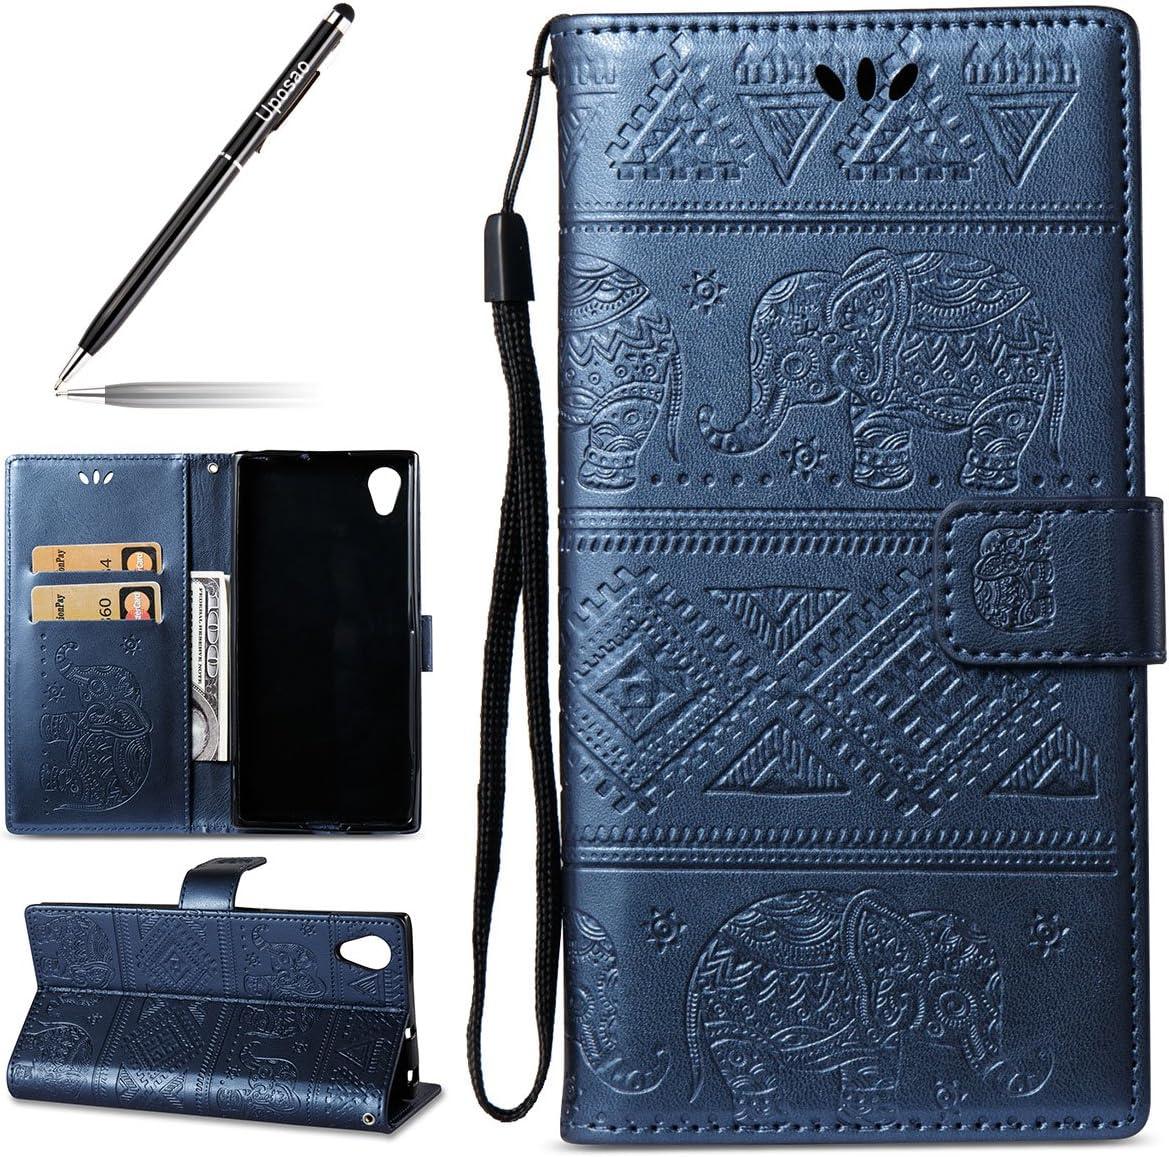 Handyhülle Für Sony Xperia Xa1 Plus Niedlich Elefant Muster Druck Handy Schutzhülle Brieftasche Handytasche Lederhülle Für Sony Xperia Xa1 Plus Hülle Ledertasche Mit Standfunktion Karteneinschub Bum Musikinstrumente